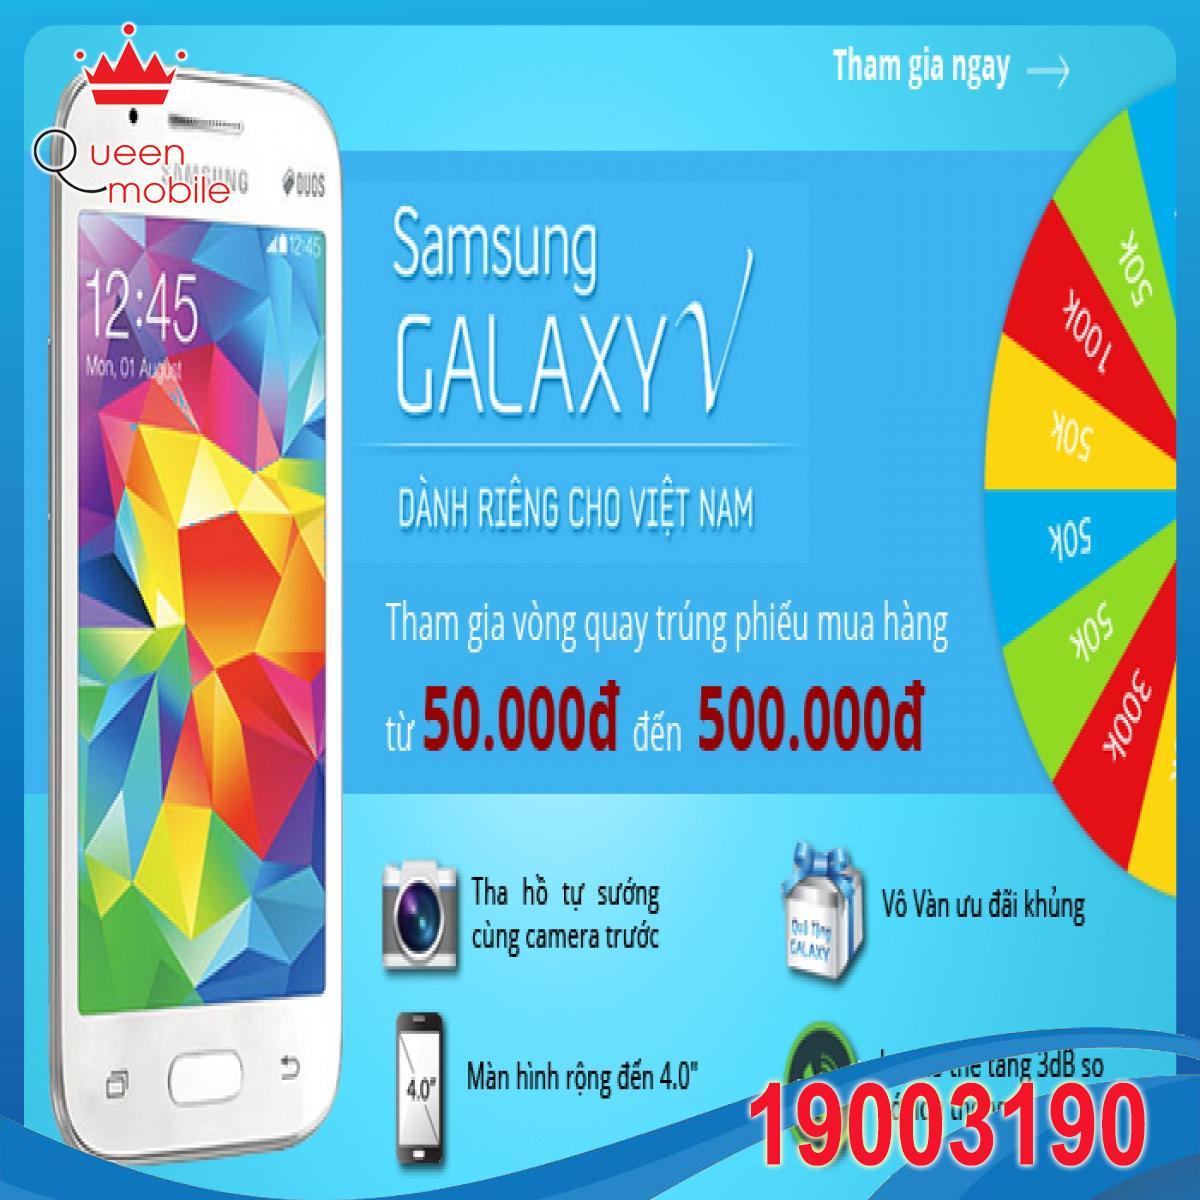 Chơi vòng quay Samsung Galaxy V, trúng phiếu mua hàng 50.000đ - 500.000đ